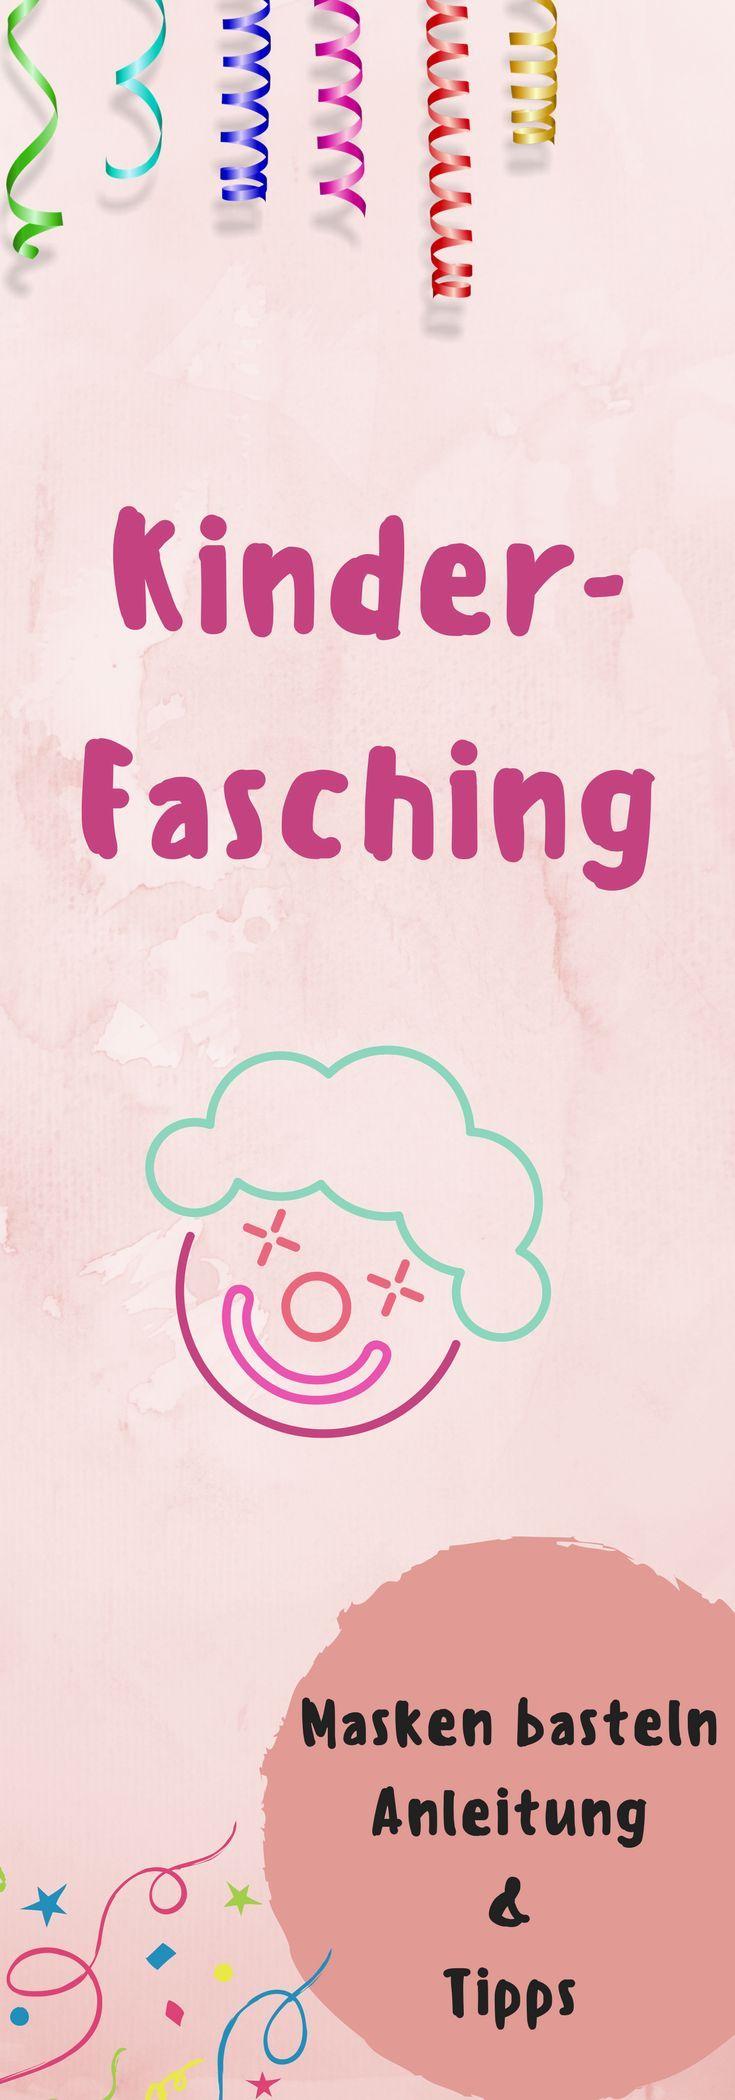 Faschingsmasken basteln aus Pappmaché - Ein Mamablog für Familien / alles rund ums Baby und Kind